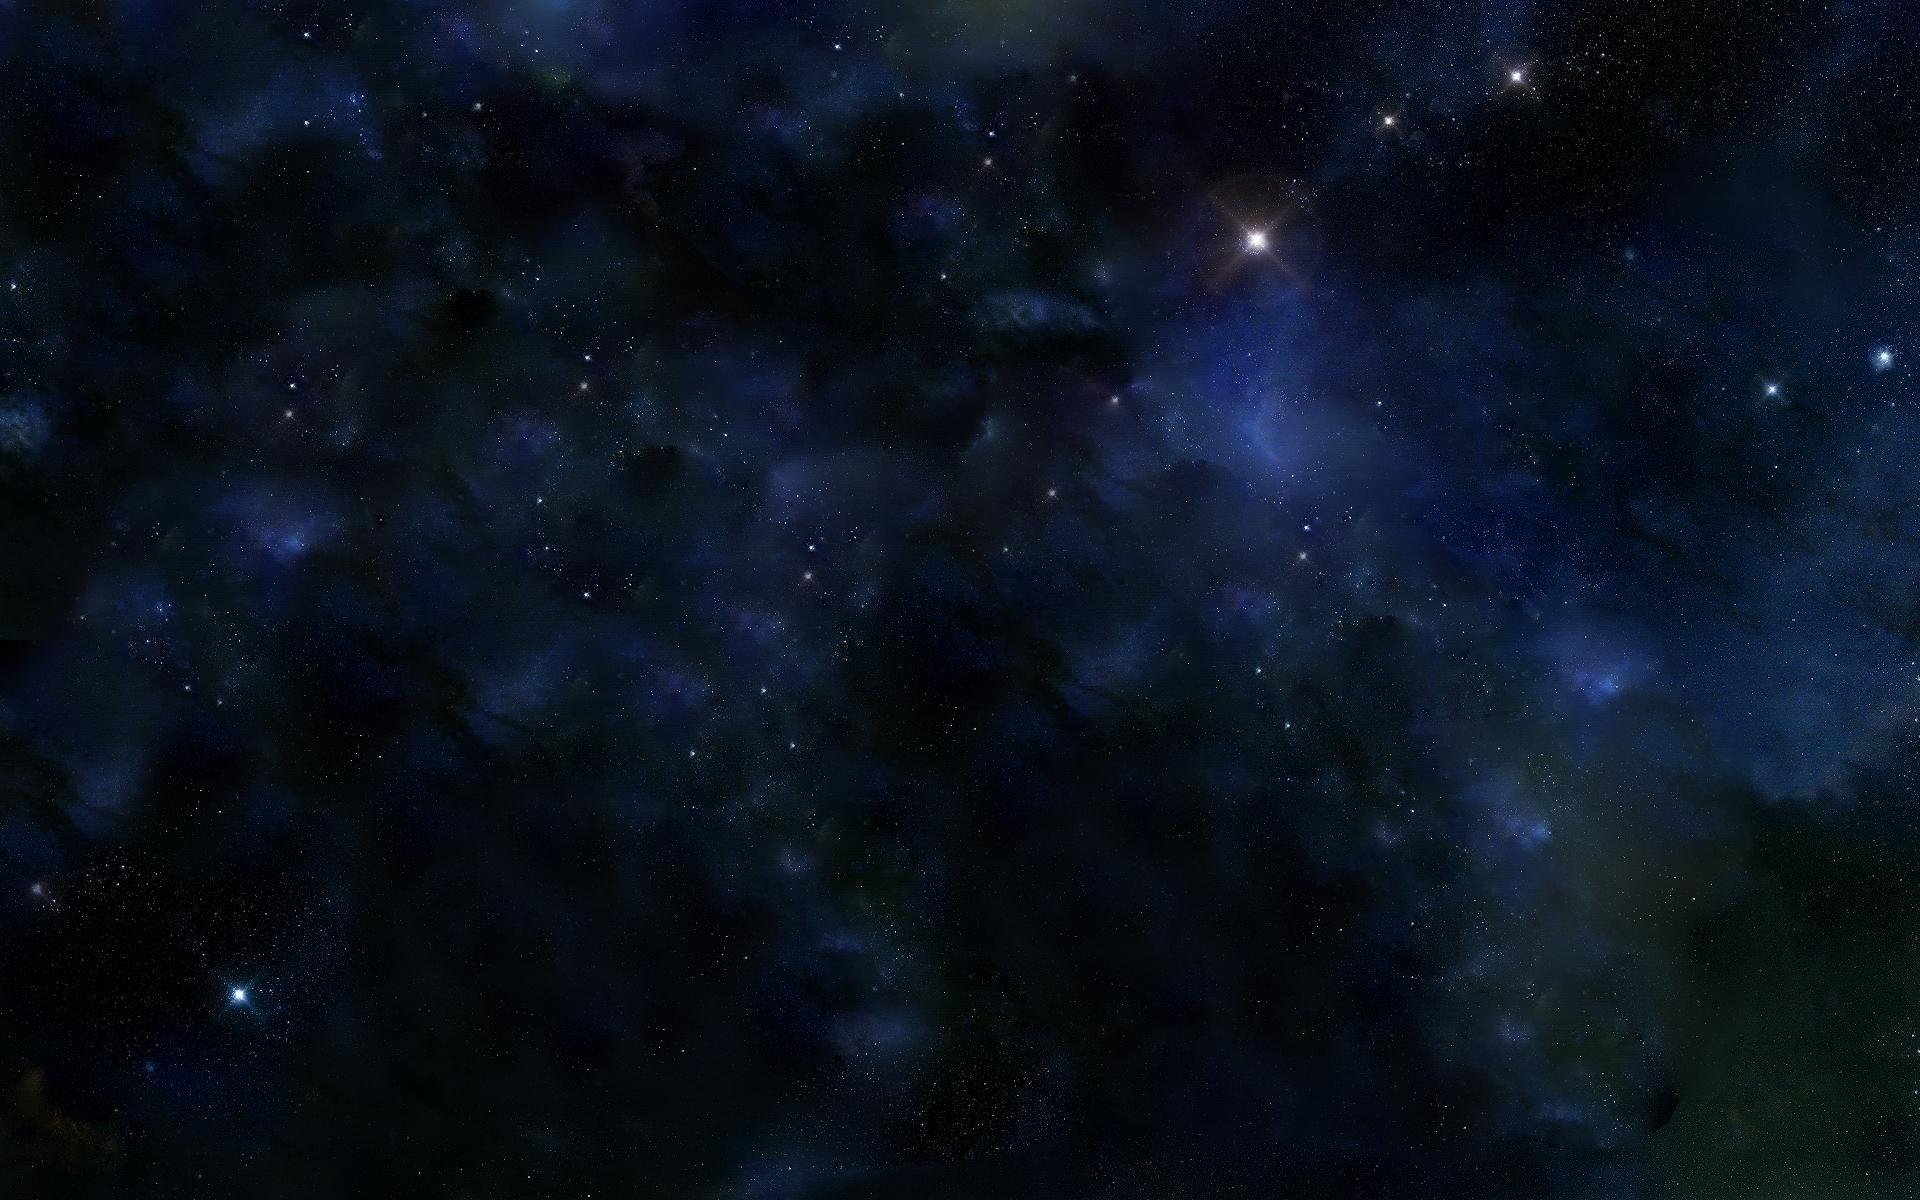 Space Art Wallpaper - Space Wallpaper (7076476) - Fanpop